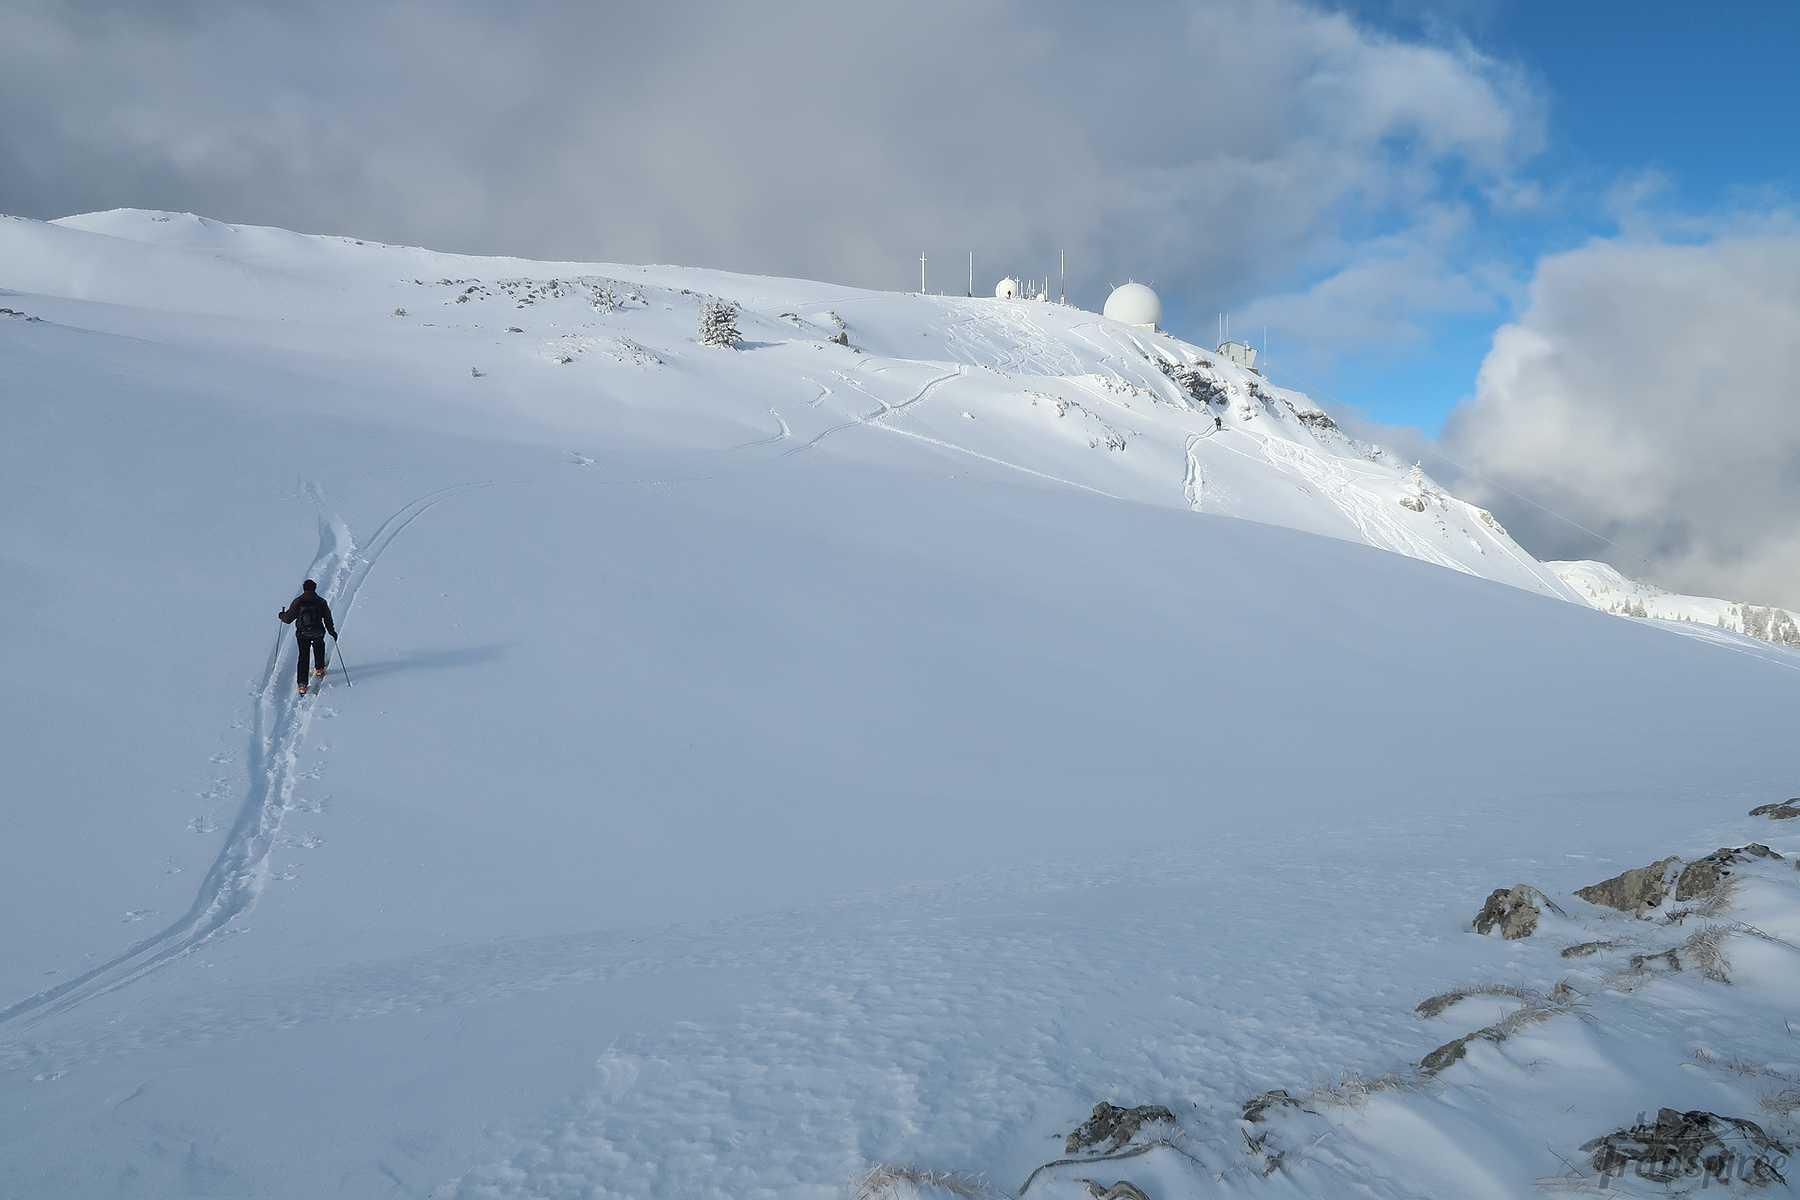 Randonnée en skis à La Dôle et Pointe de Poële Chaud depuis La St-Cergue